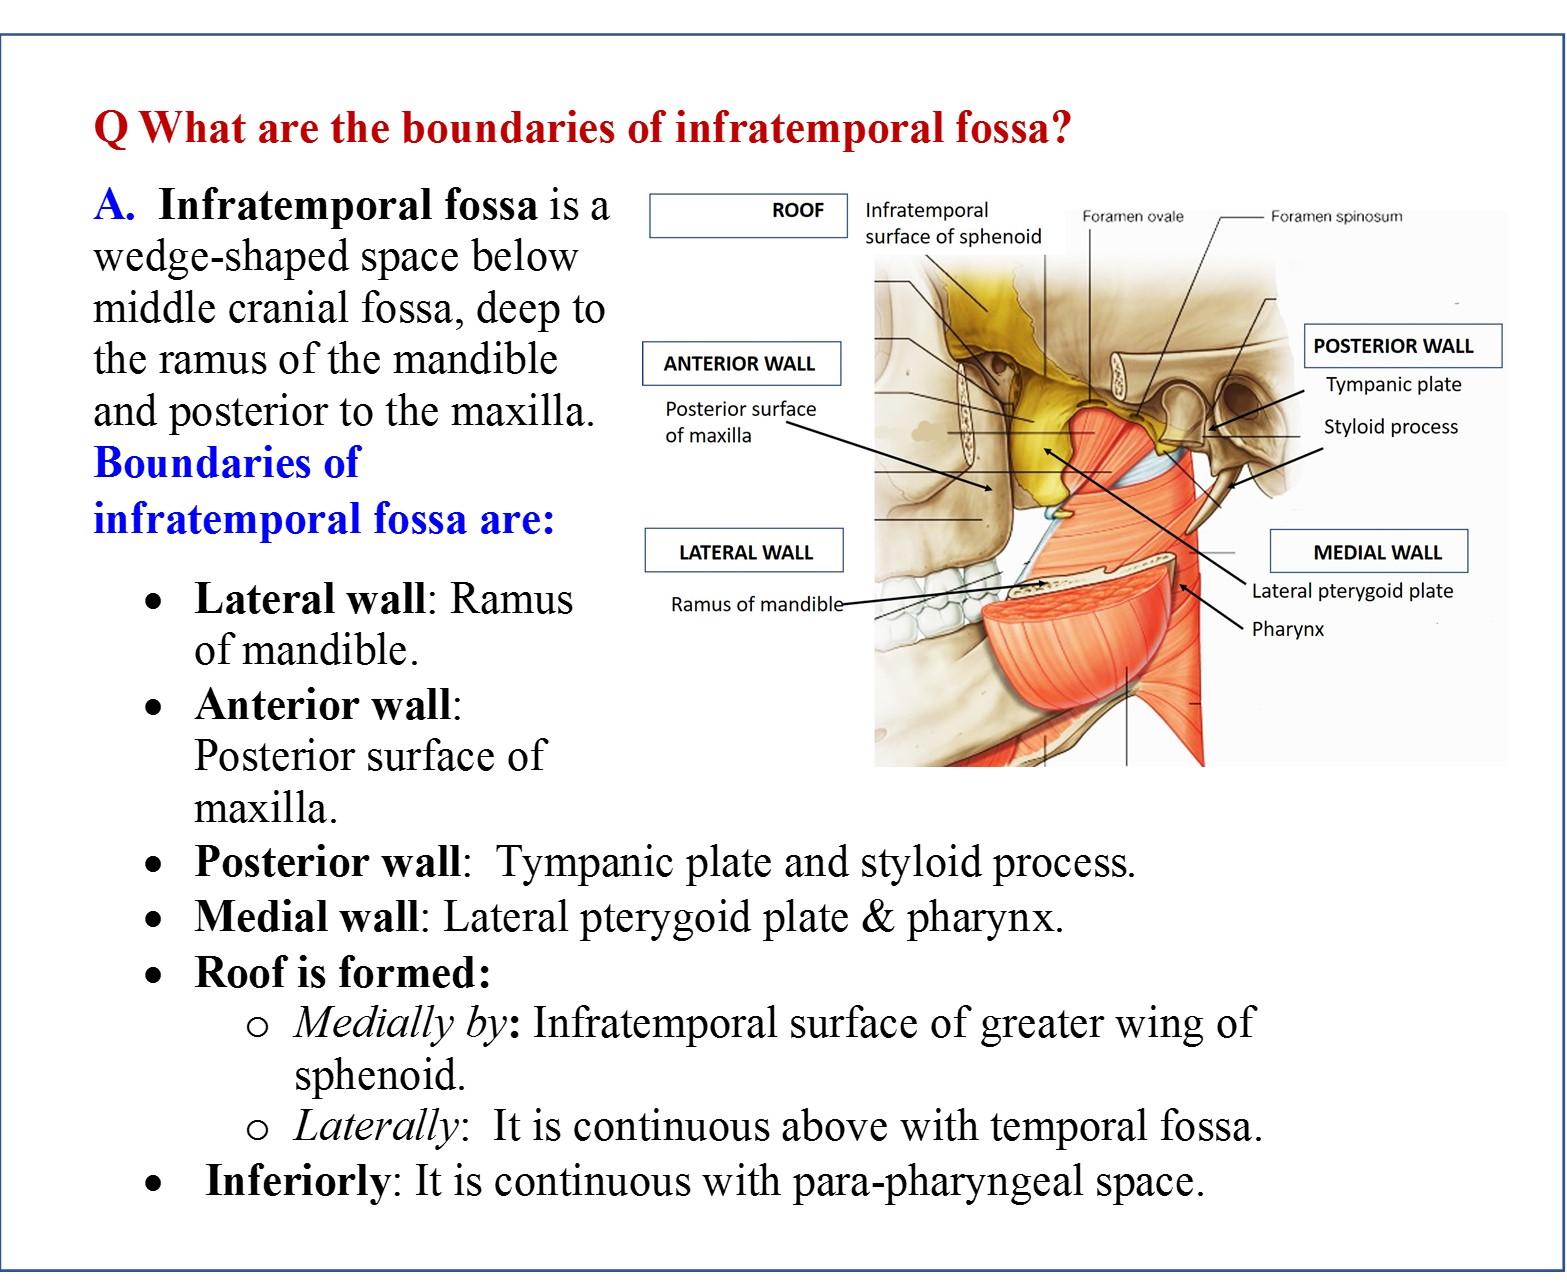 Wunderbar Infratemporal Fossa Anatomy Ideen Menschliche Anatomie